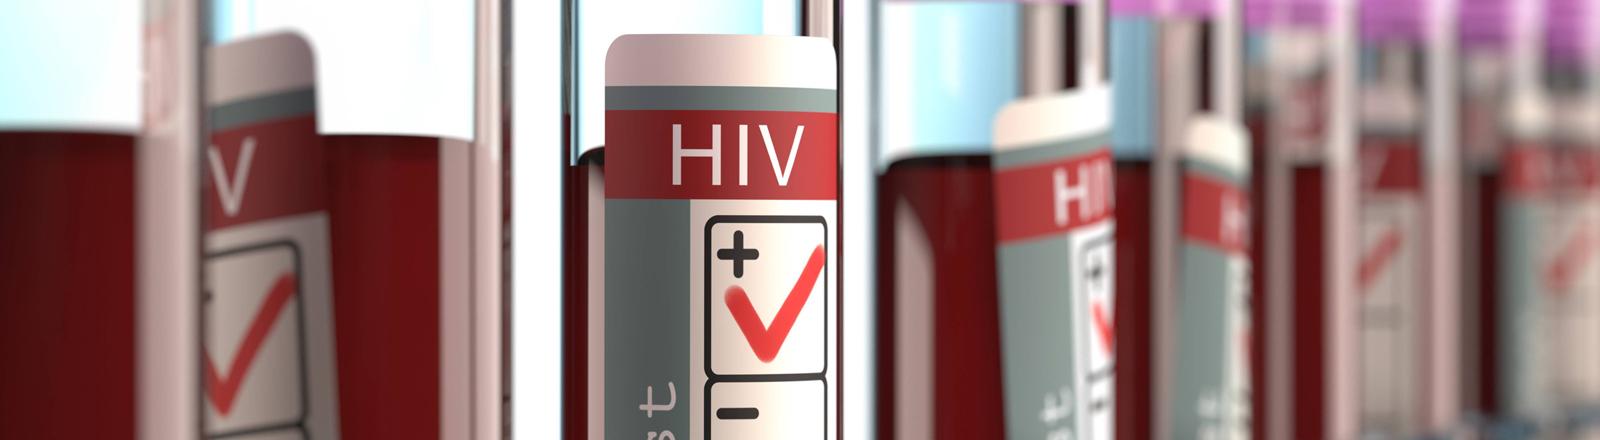 HIV-infizierte Blutproben.